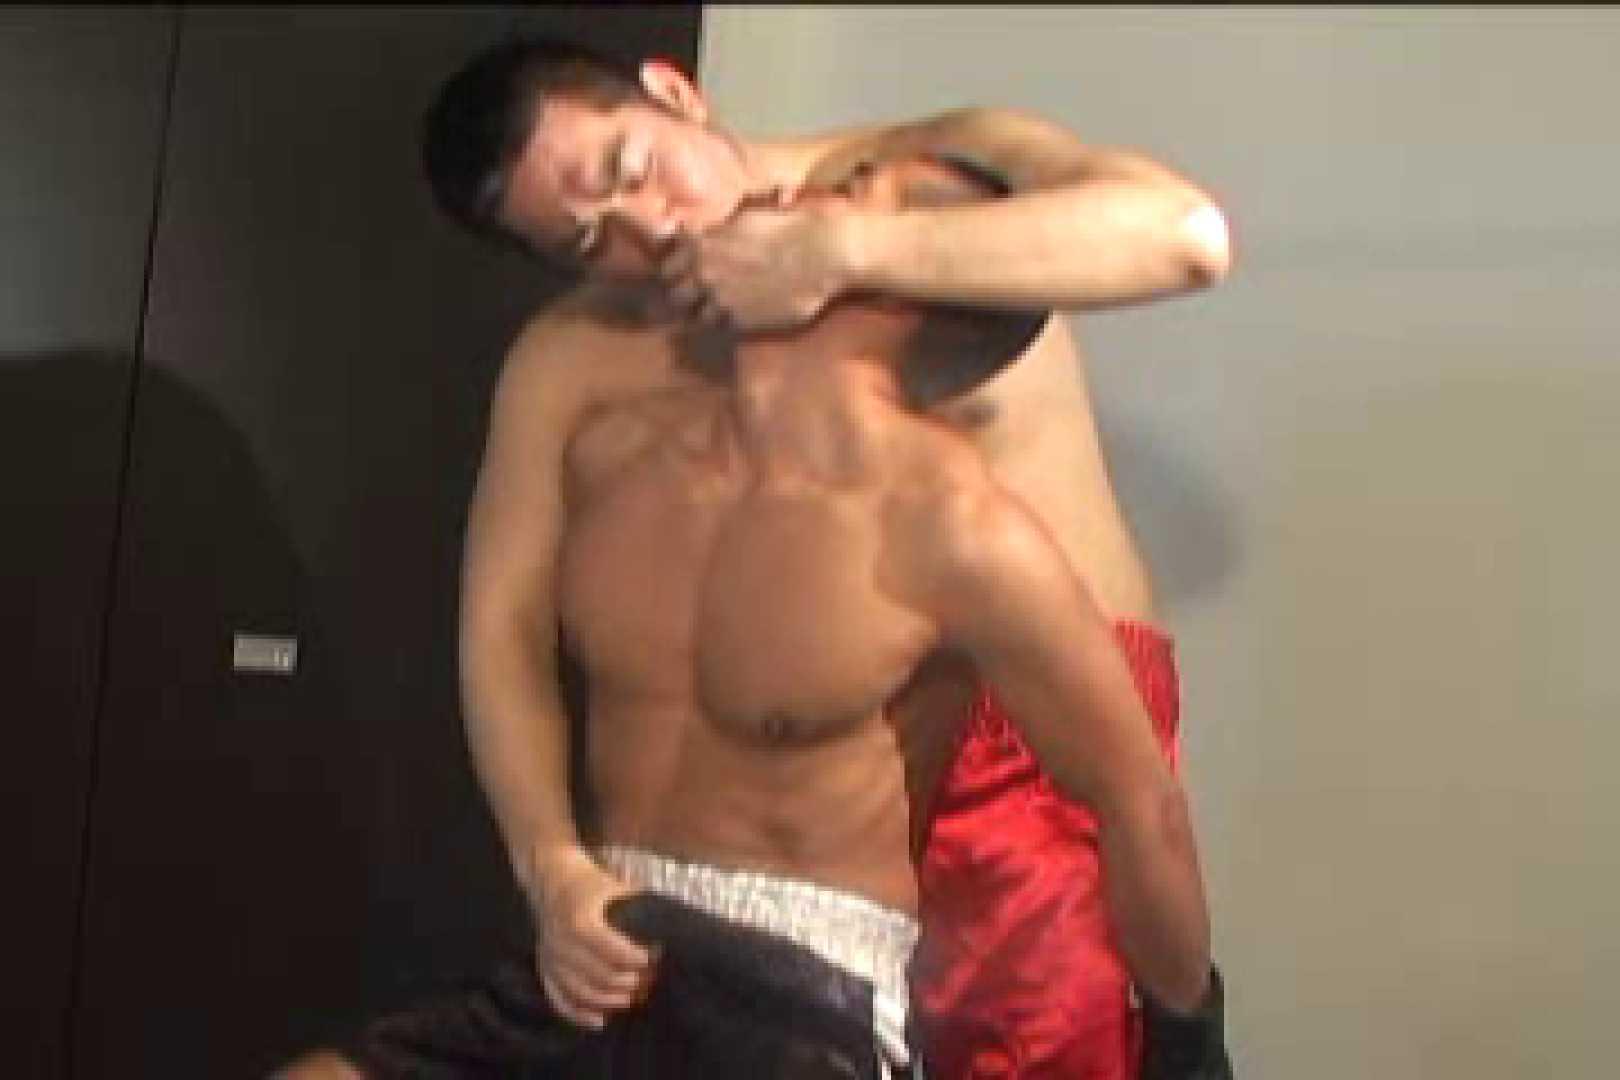 スポMENファック!!反り勃つ男根!!vol.15 ディルドで絶頂 ゲイアダルトビデオ画像 92pic 33